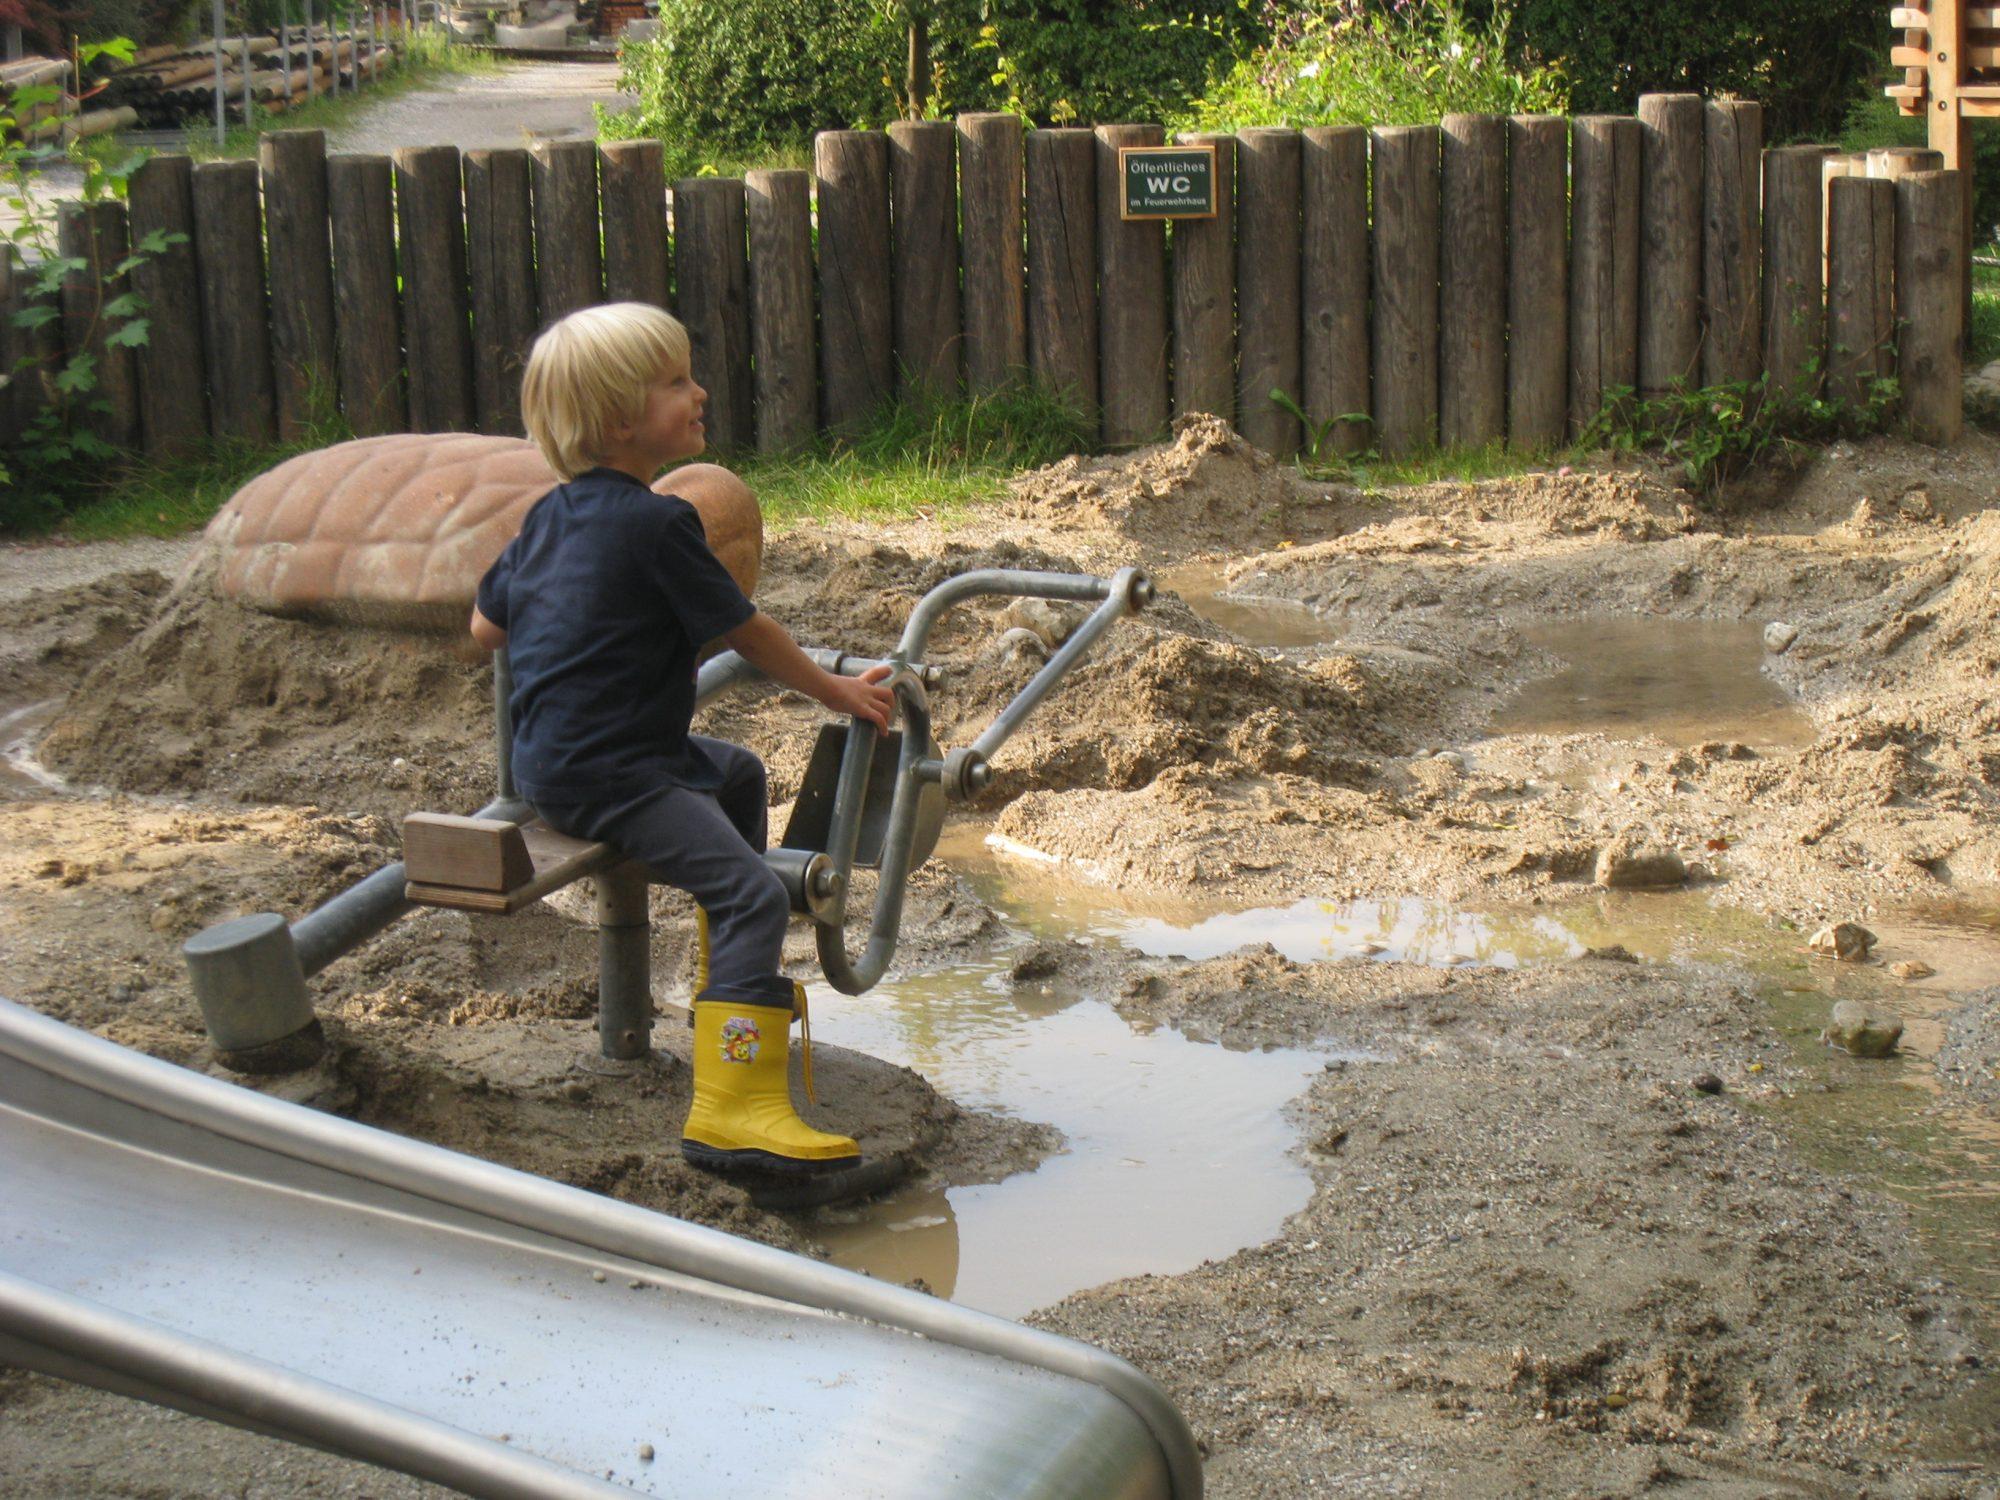 Namesto popolne raje razumna varnost za otroška igrišča